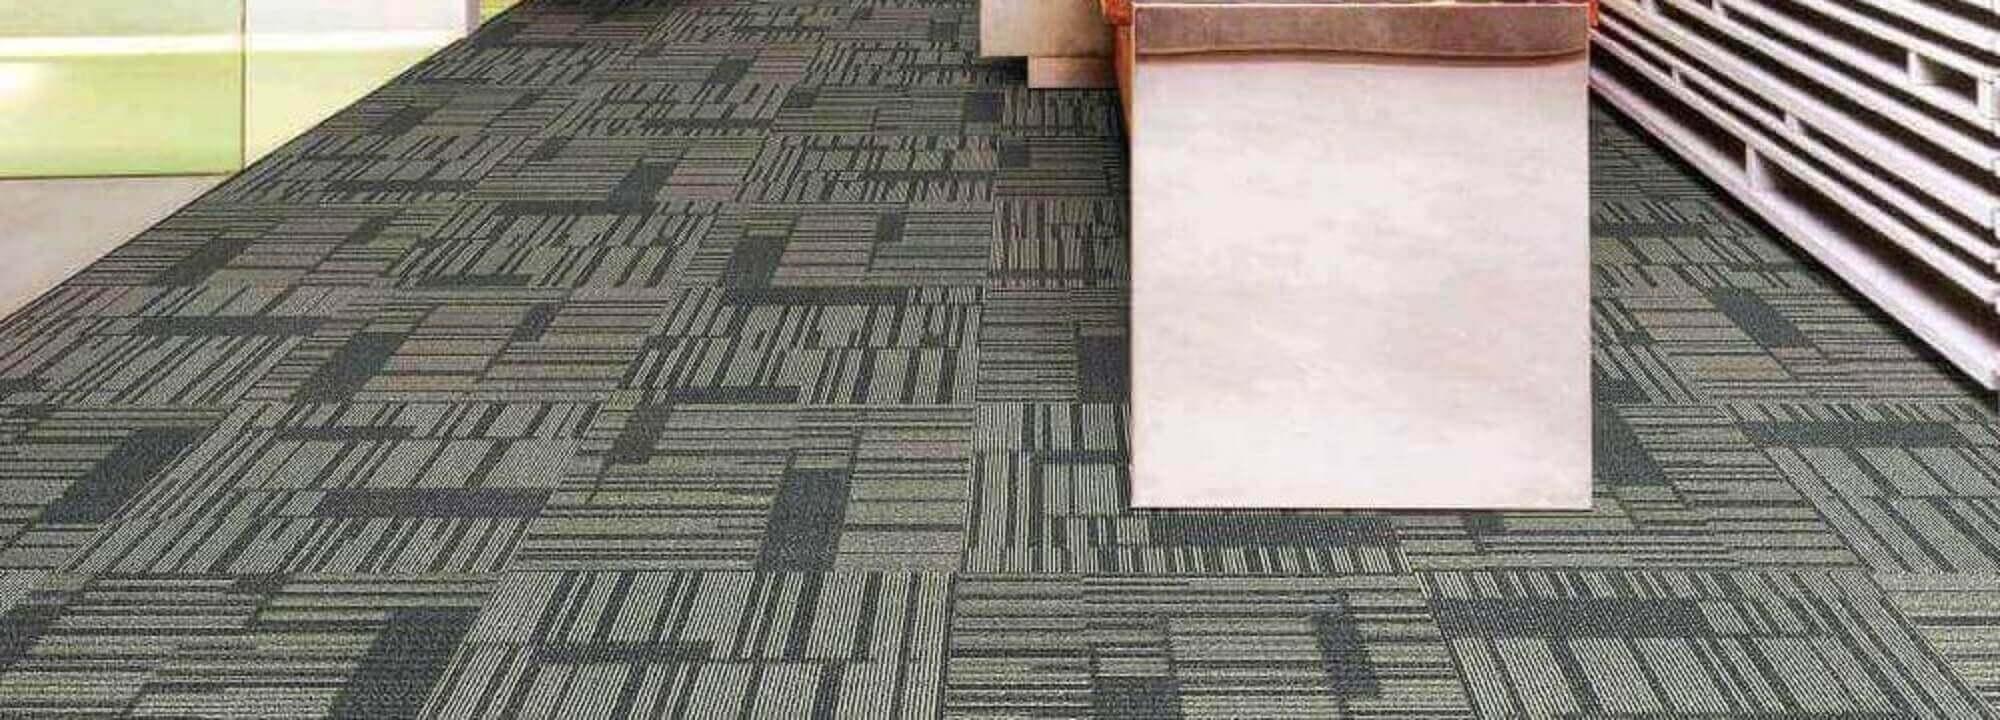 office carpet tiles1